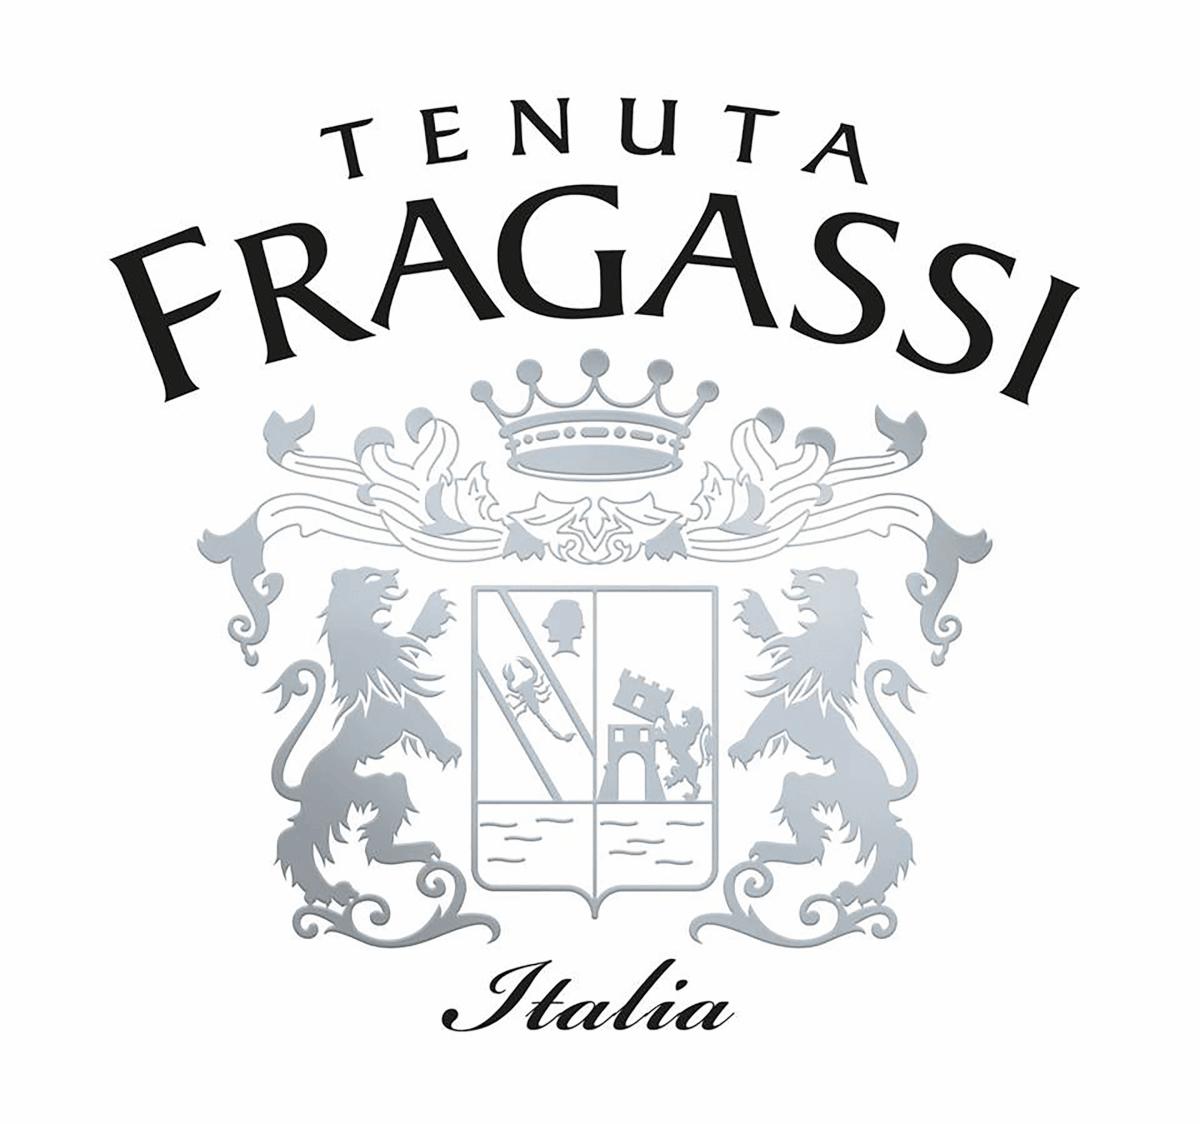 Tenuta Fragassi